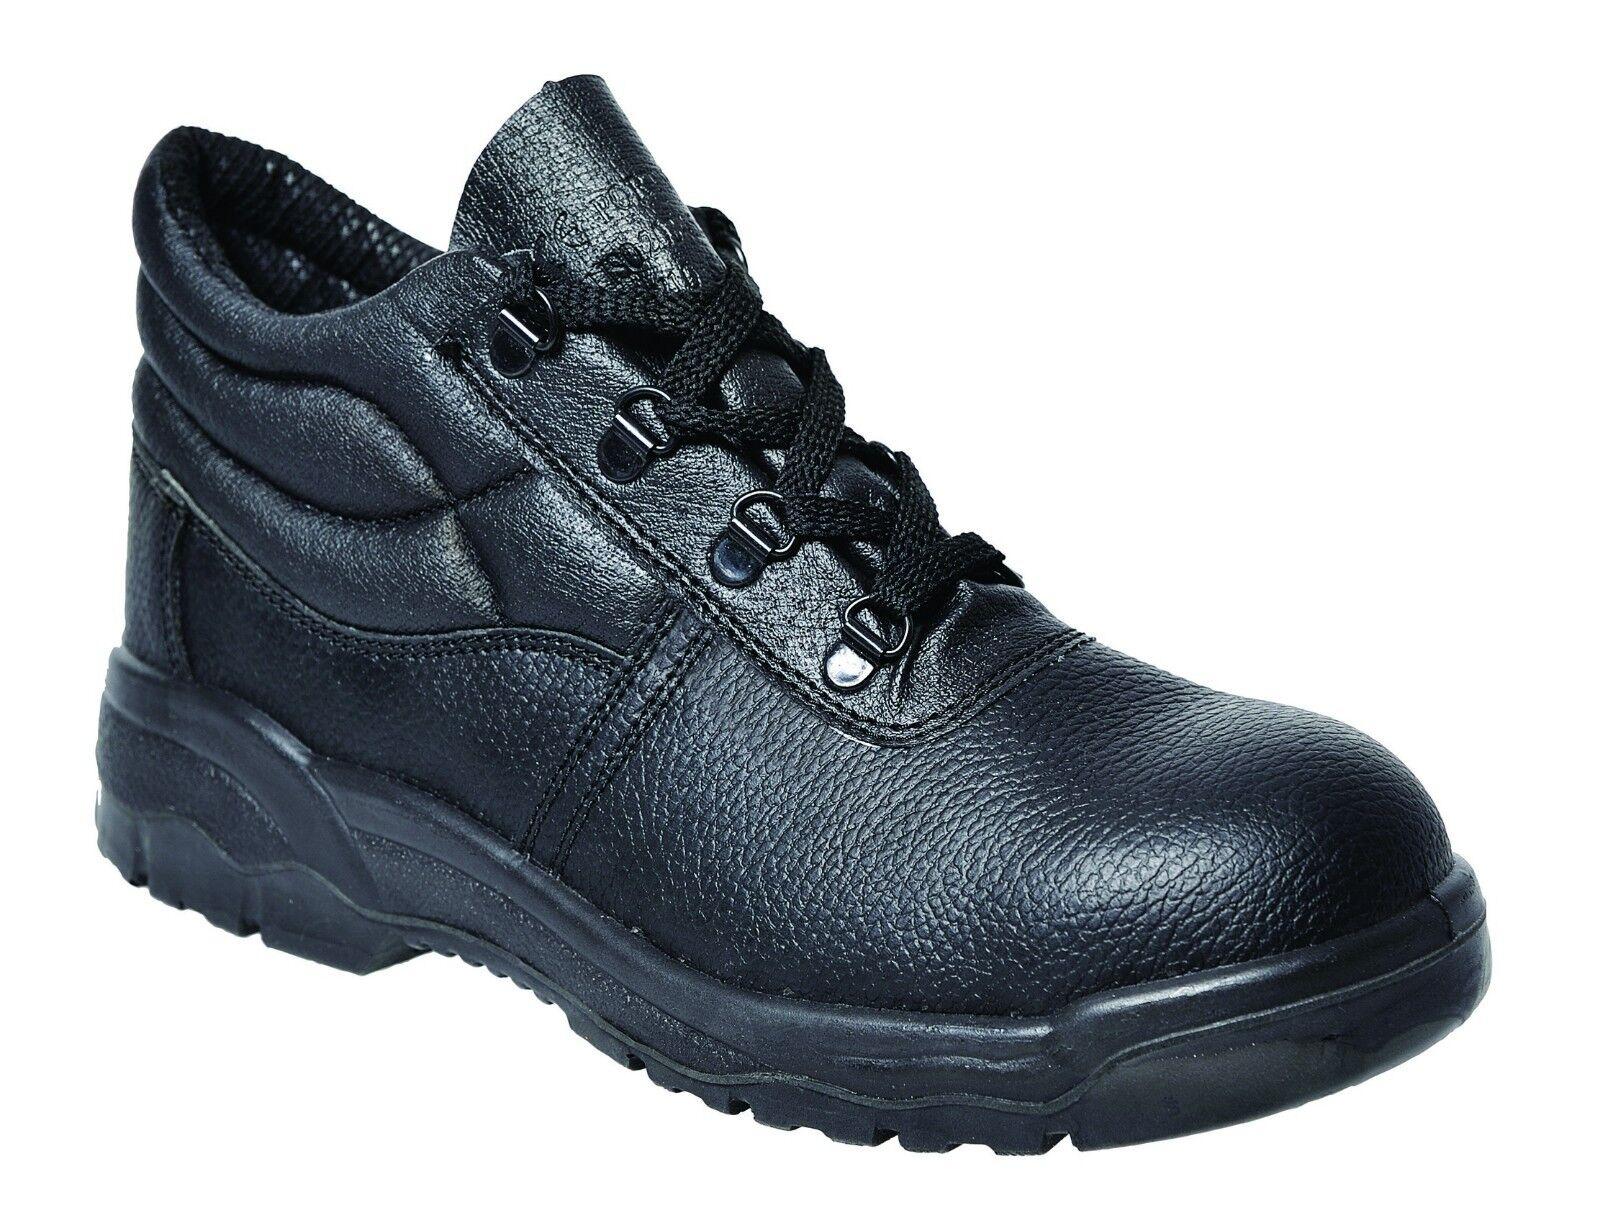 Chukka sicurezza lavoro stivali in pelle acciaio PUNTALE PUNTALE acciaio & INTERSUOLA DIUomoIONE 2-16 da Uomo Nuovo 675997